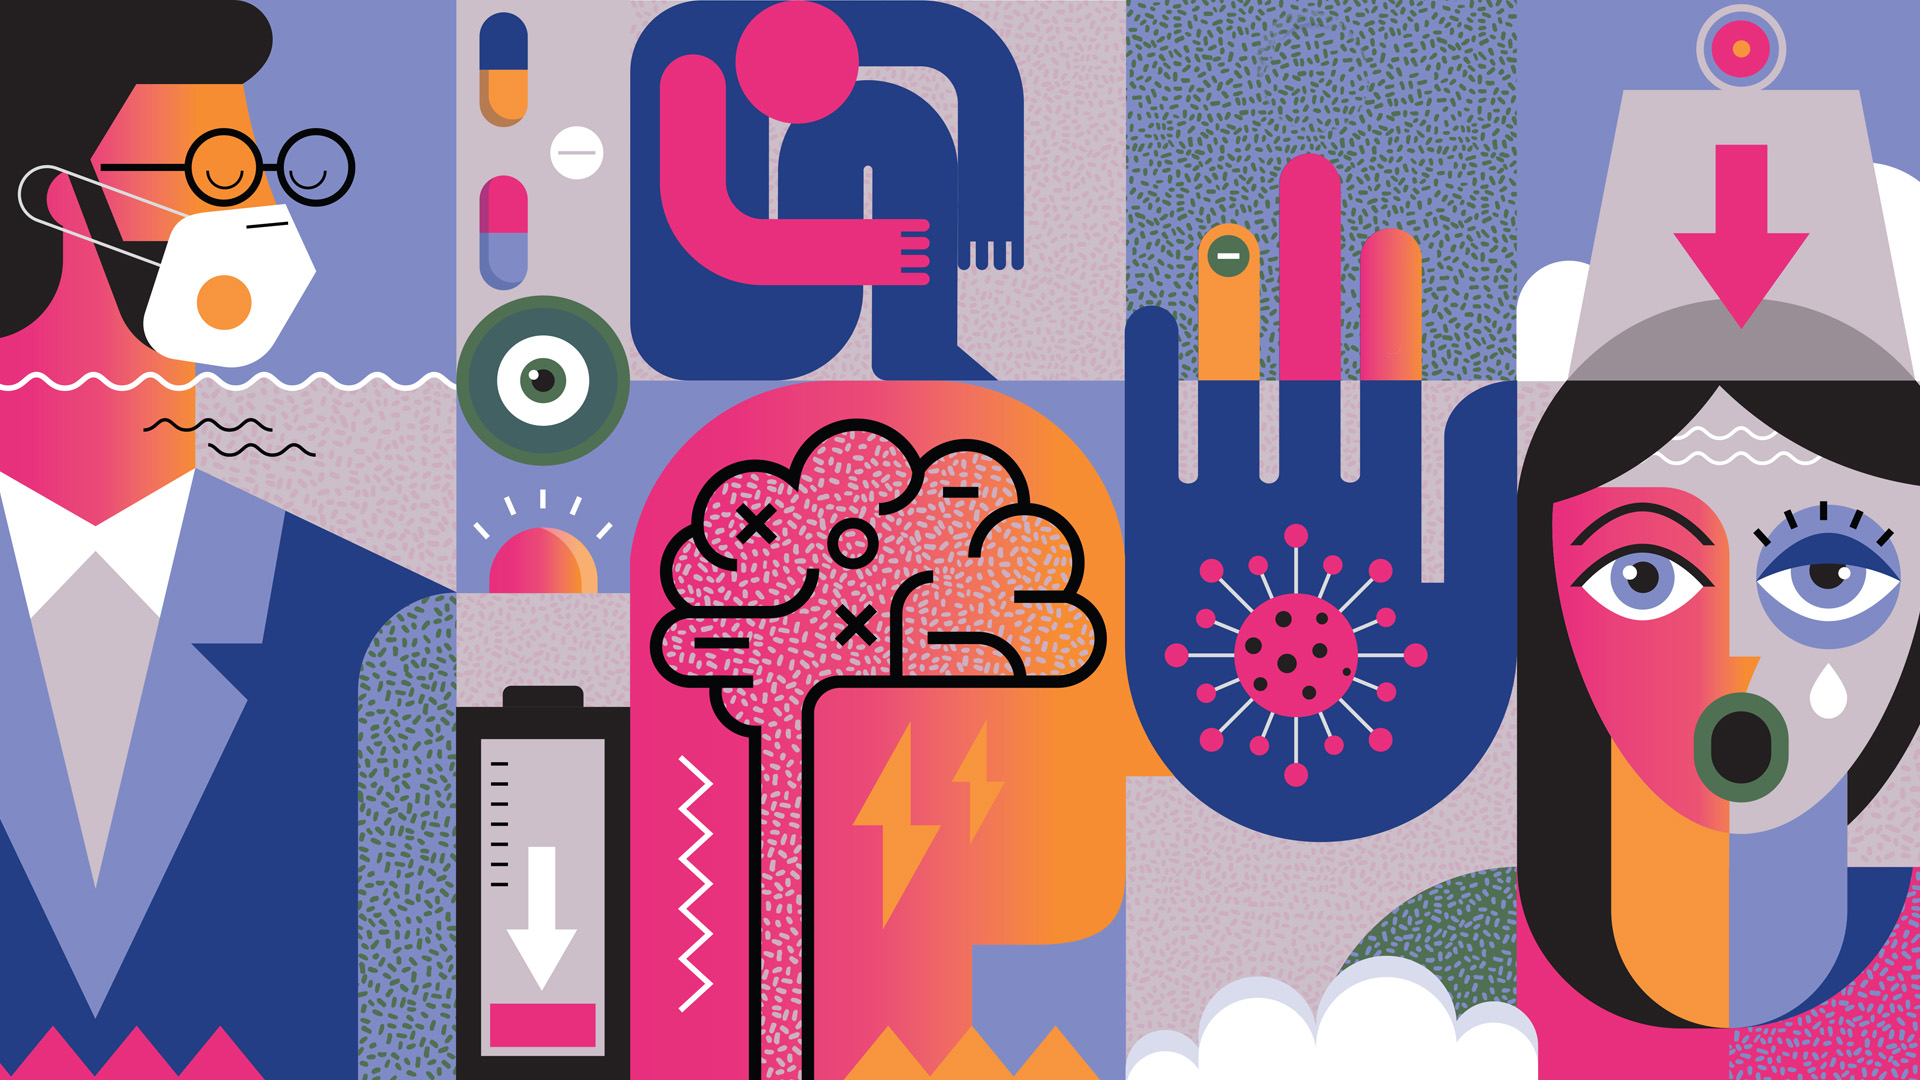 A járvány és az emberi idegrendszer kapcsolata